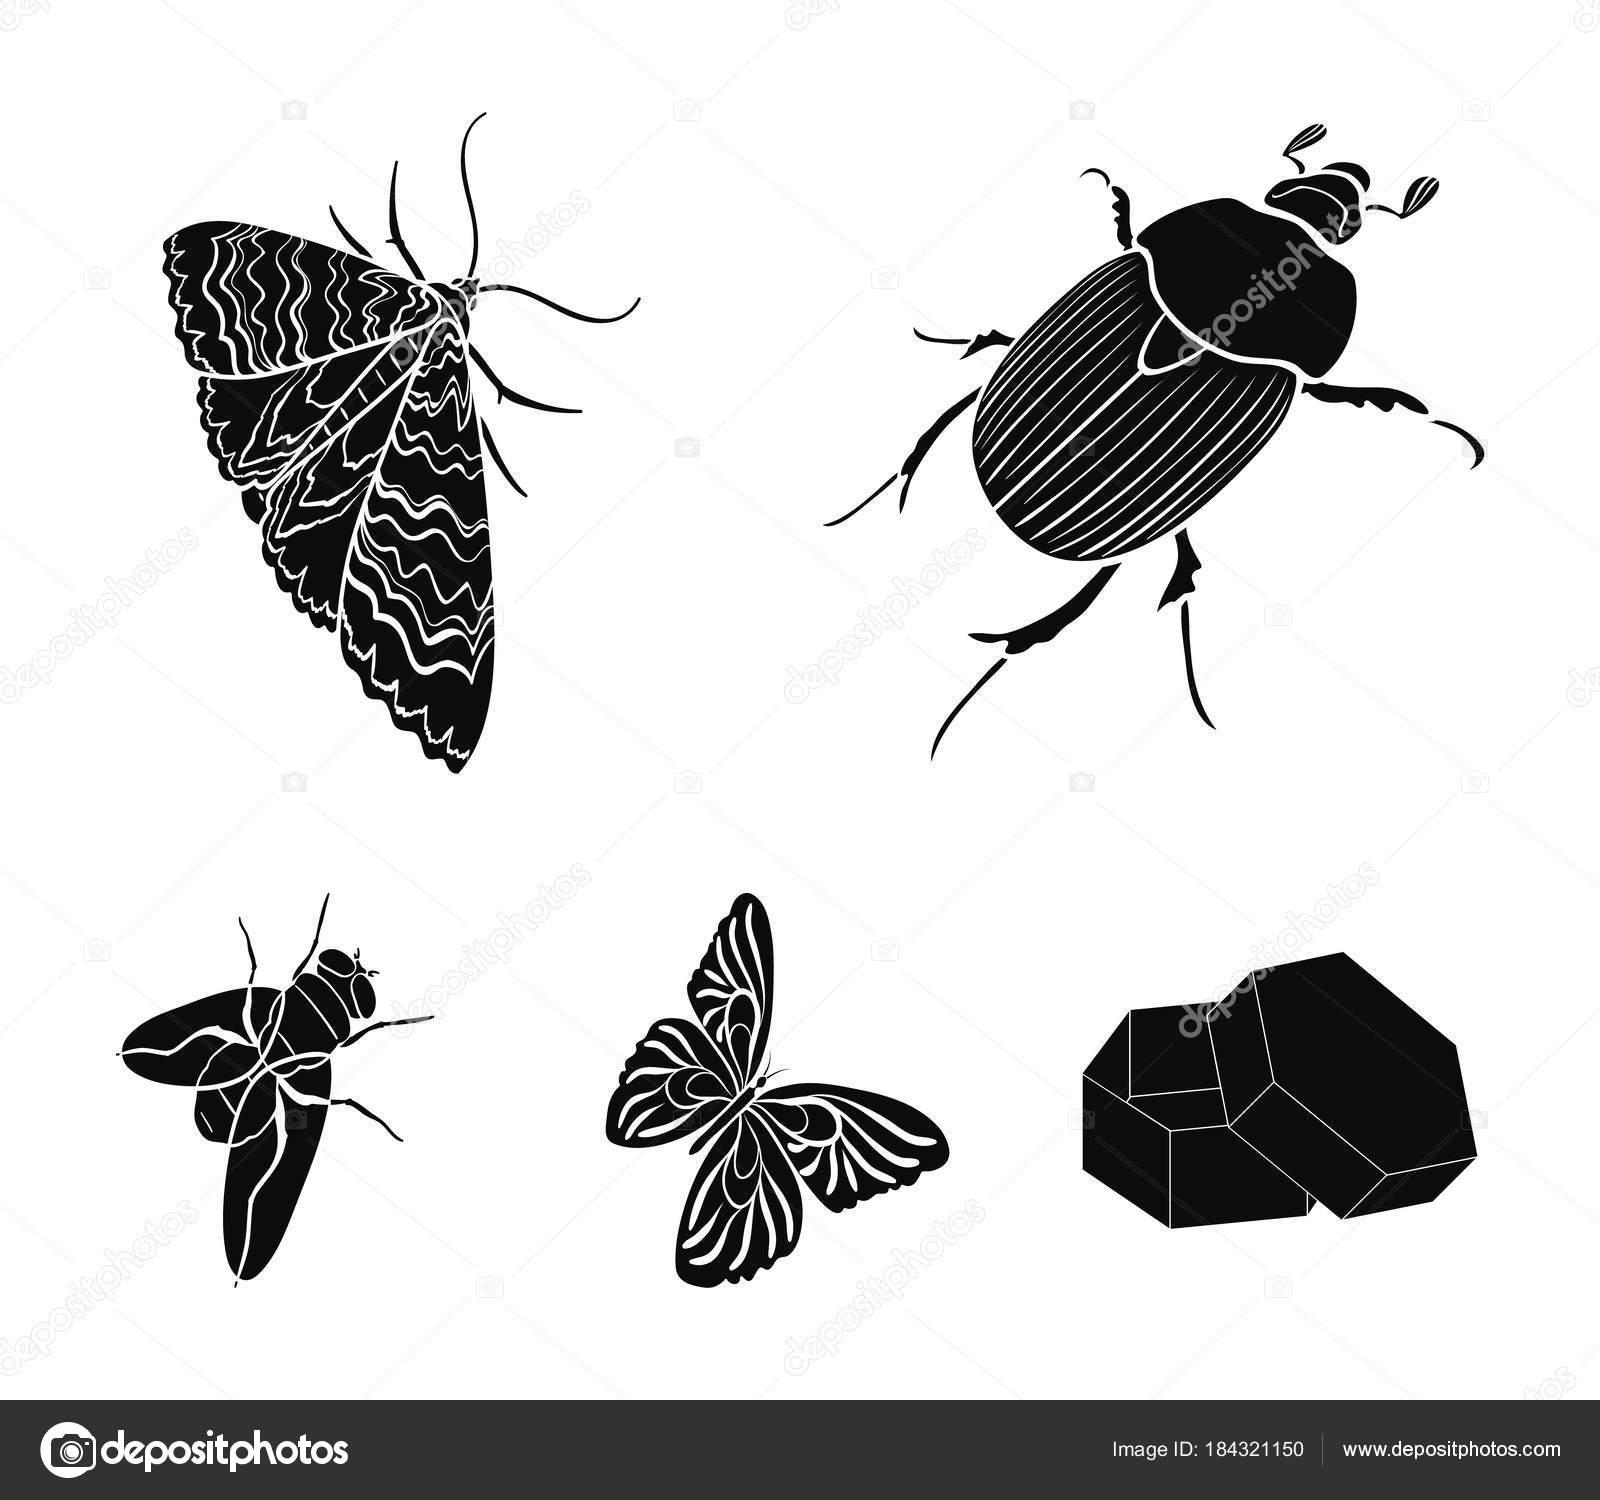 Fotos Artropodos Para Imprimir Escarabajo Insectos Artrópodos